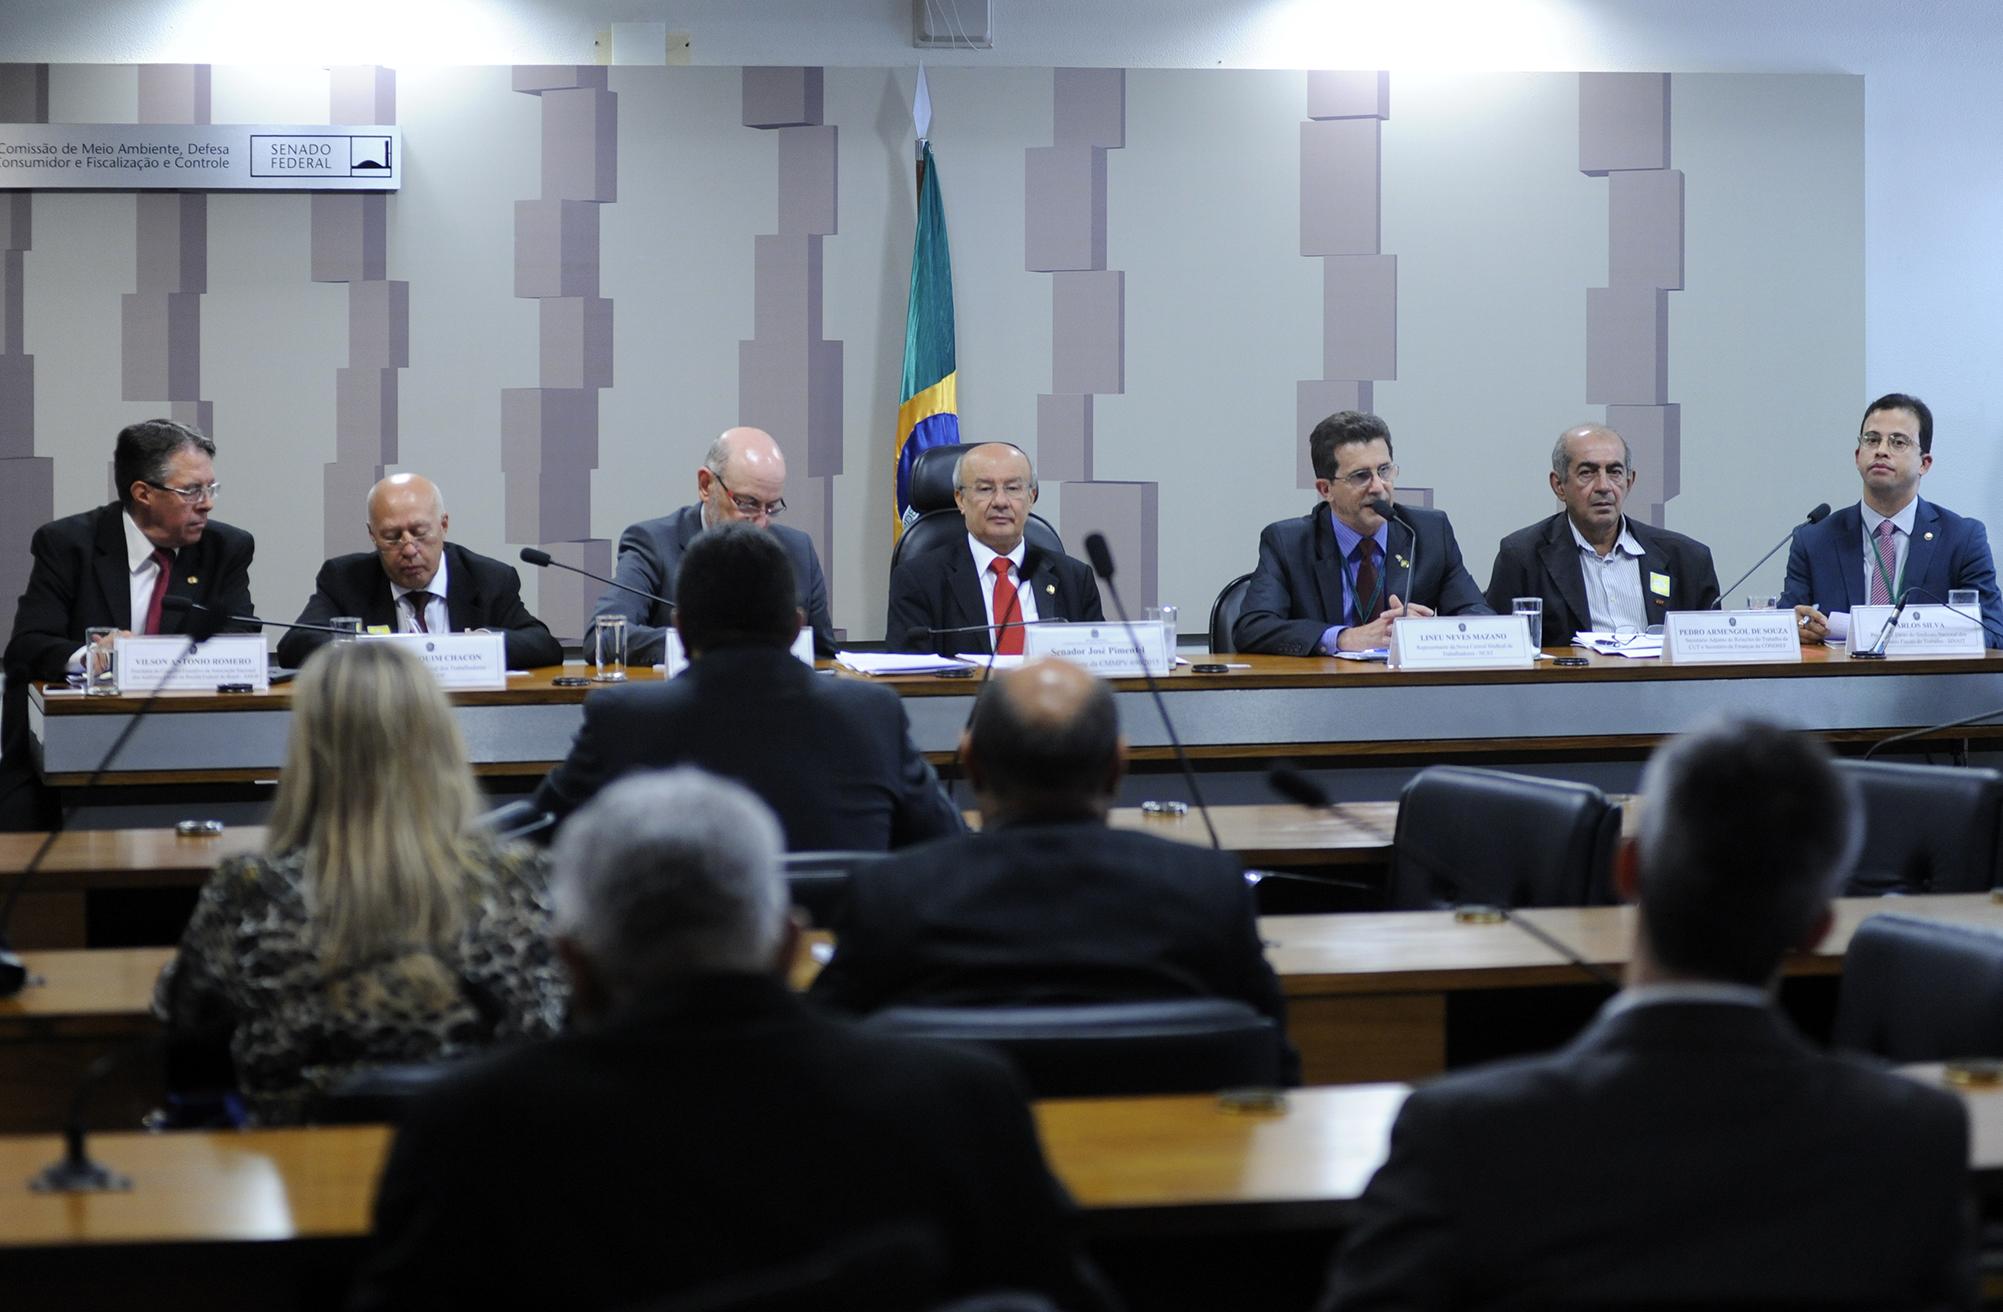 Audiência Pública para debater na comissão mista sobre a MP 696/15 sobre Reforma Administrativa